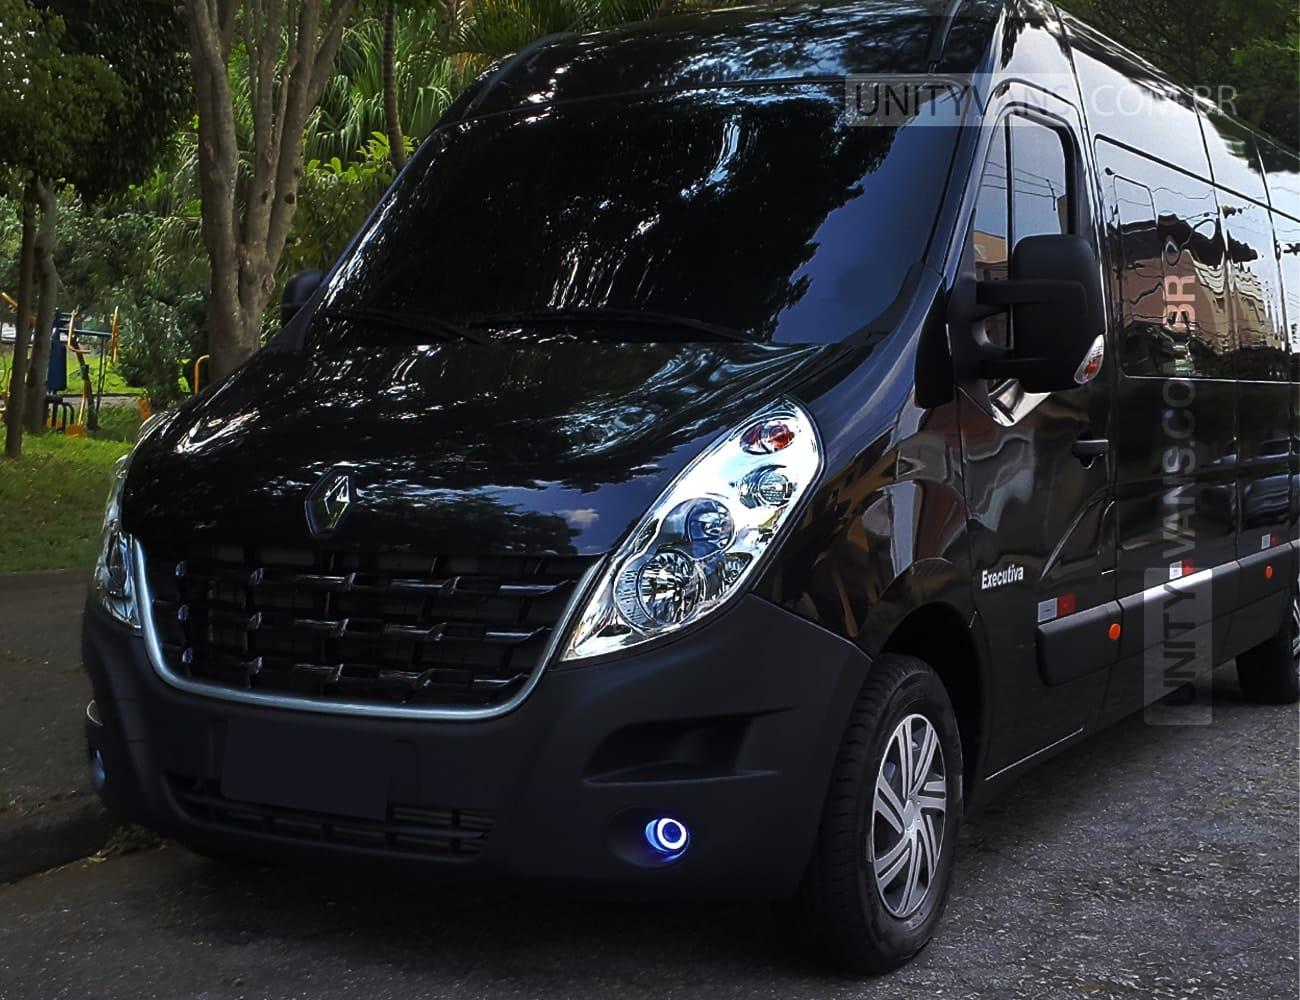 Aluguel de vans em São Paulo com motorista, interior confortável para diárias, casamentos, viagem, consulados, enbaixadas, delegaçoes, empresas